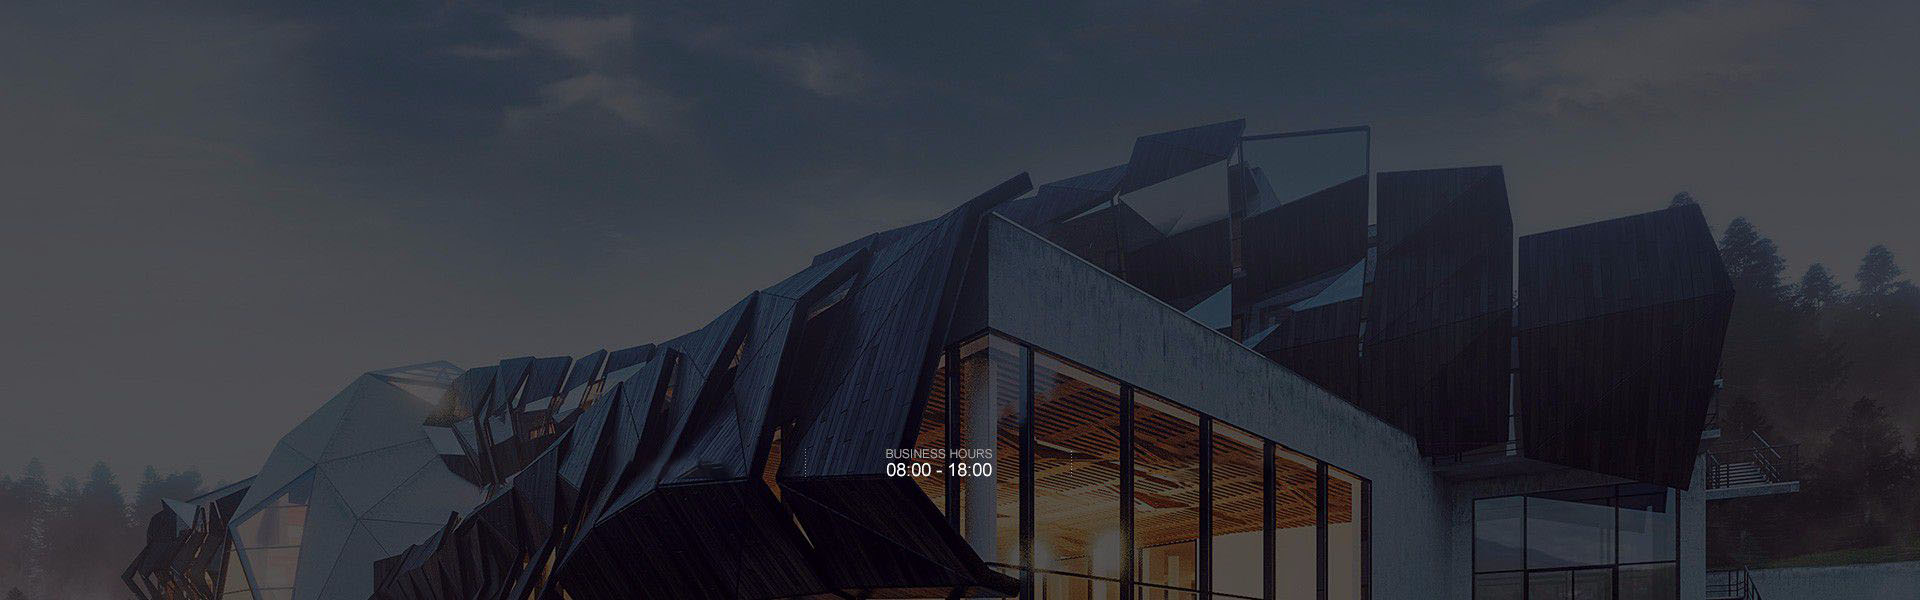 东柏建筑科技有限公司